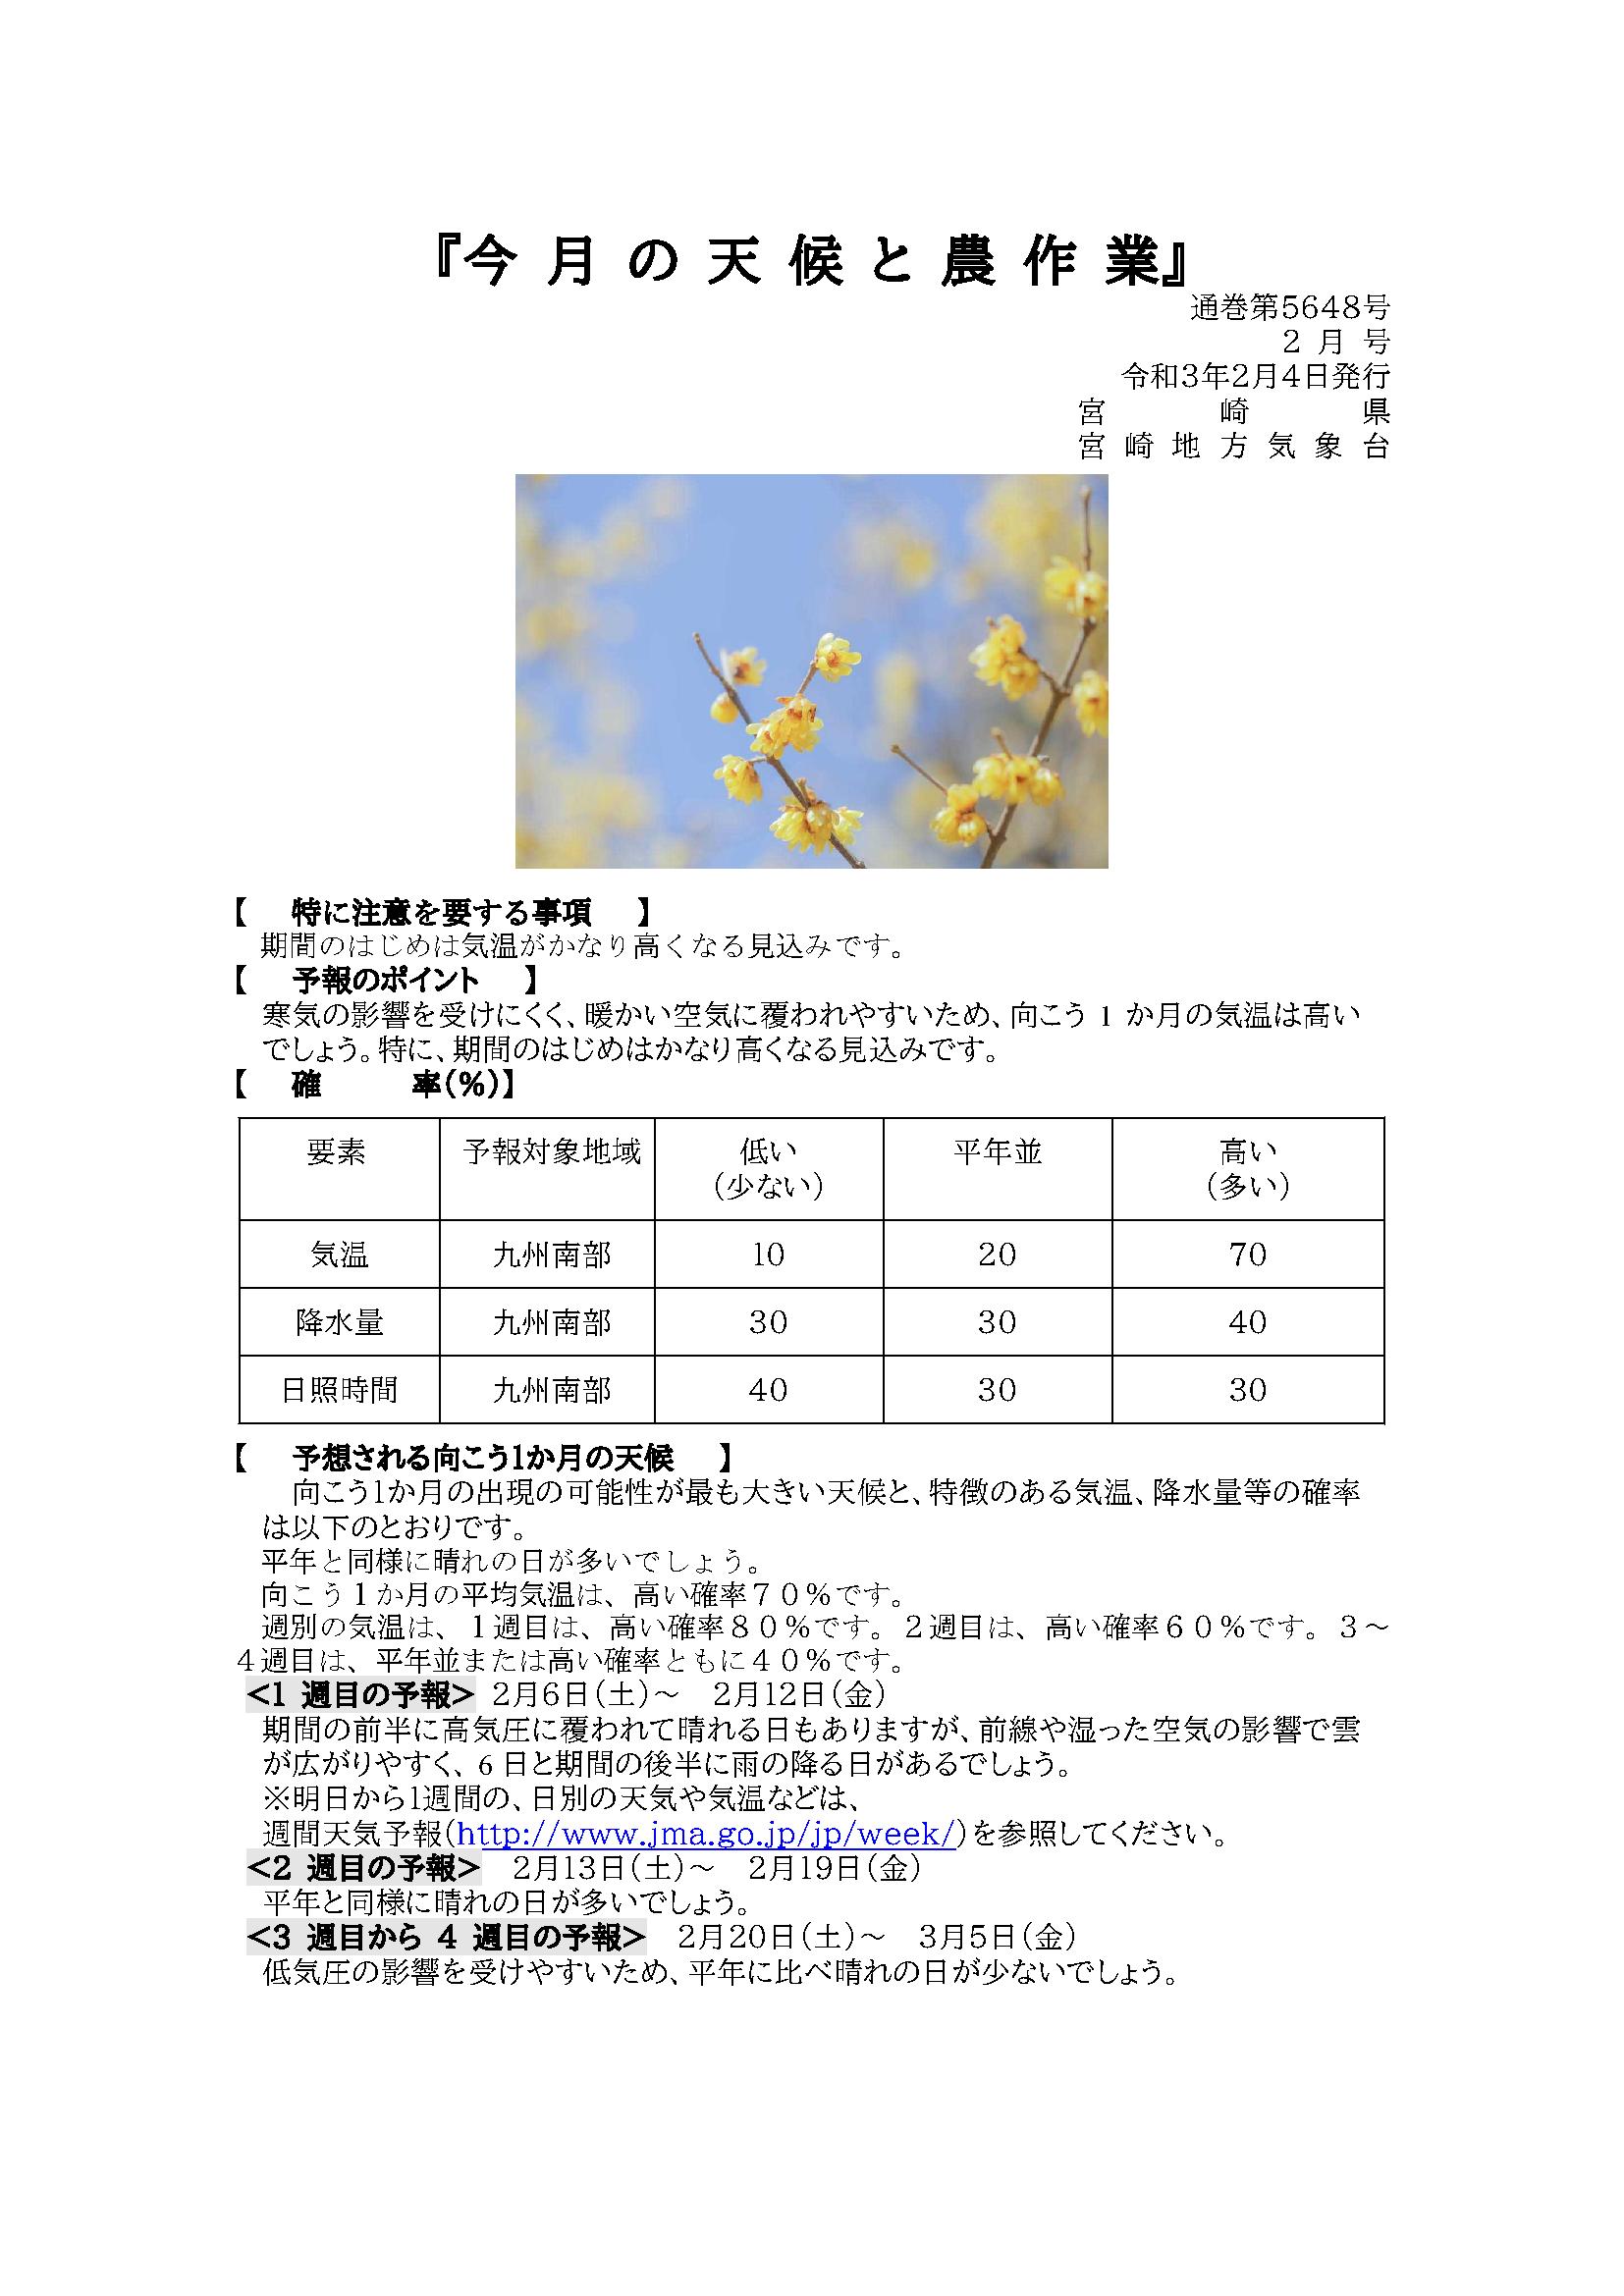 今月の天候と農作業2021年2月版